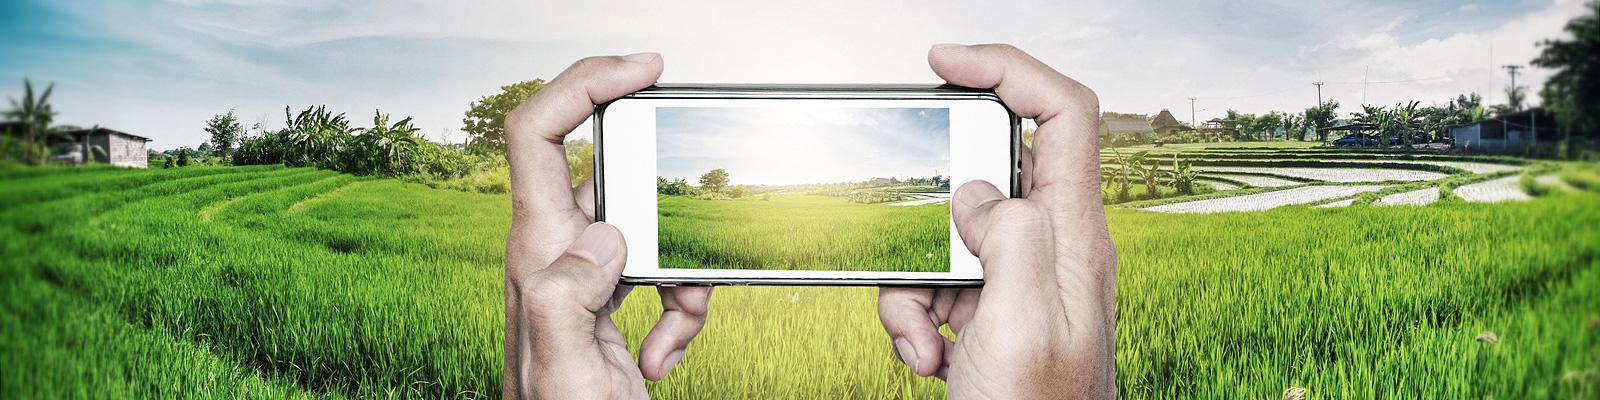 農業 イメージ